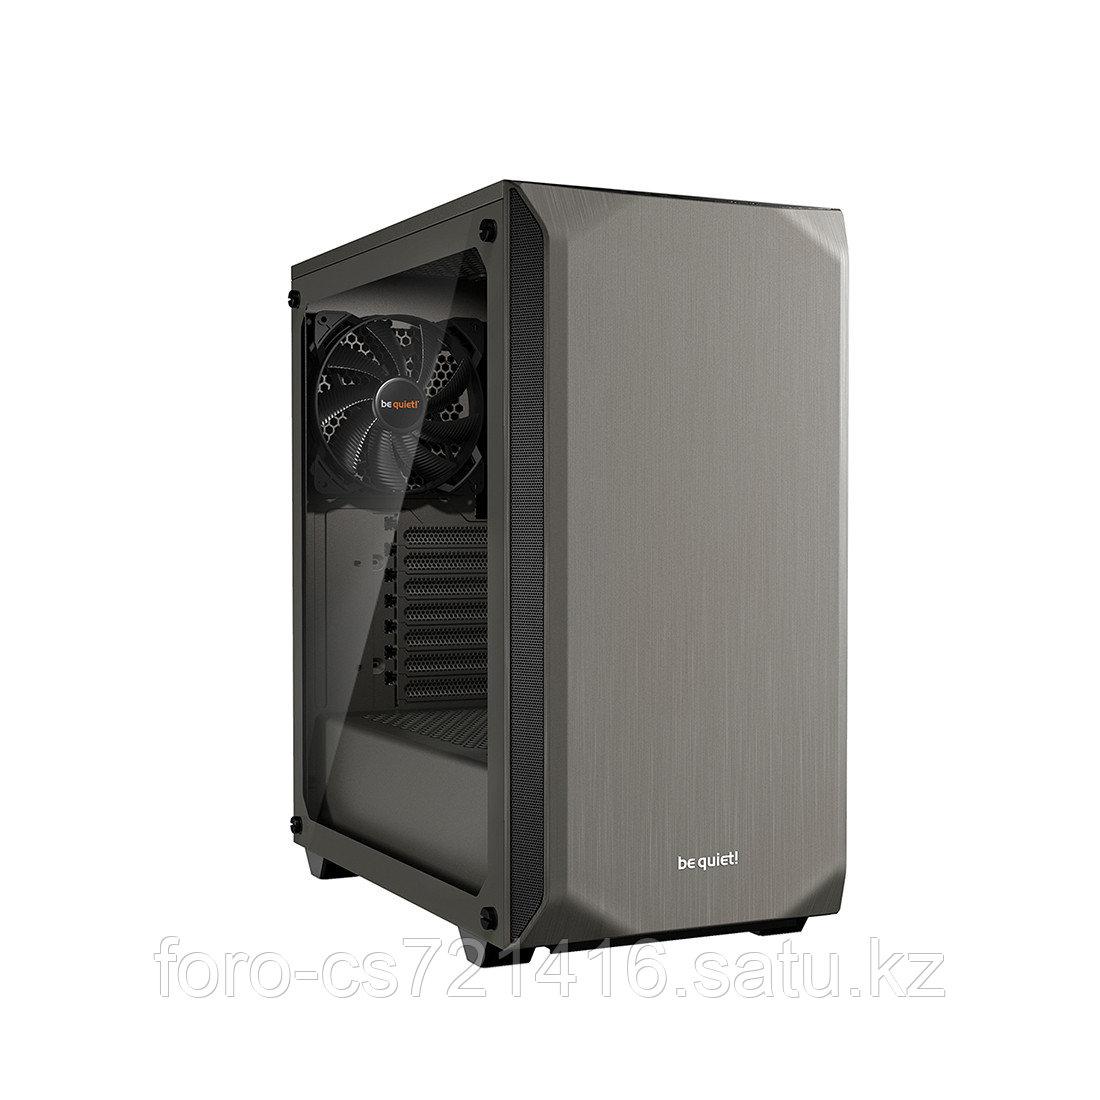 Компьютерный корпус Bequiet! Pure Base 500 Window Metallic Gray